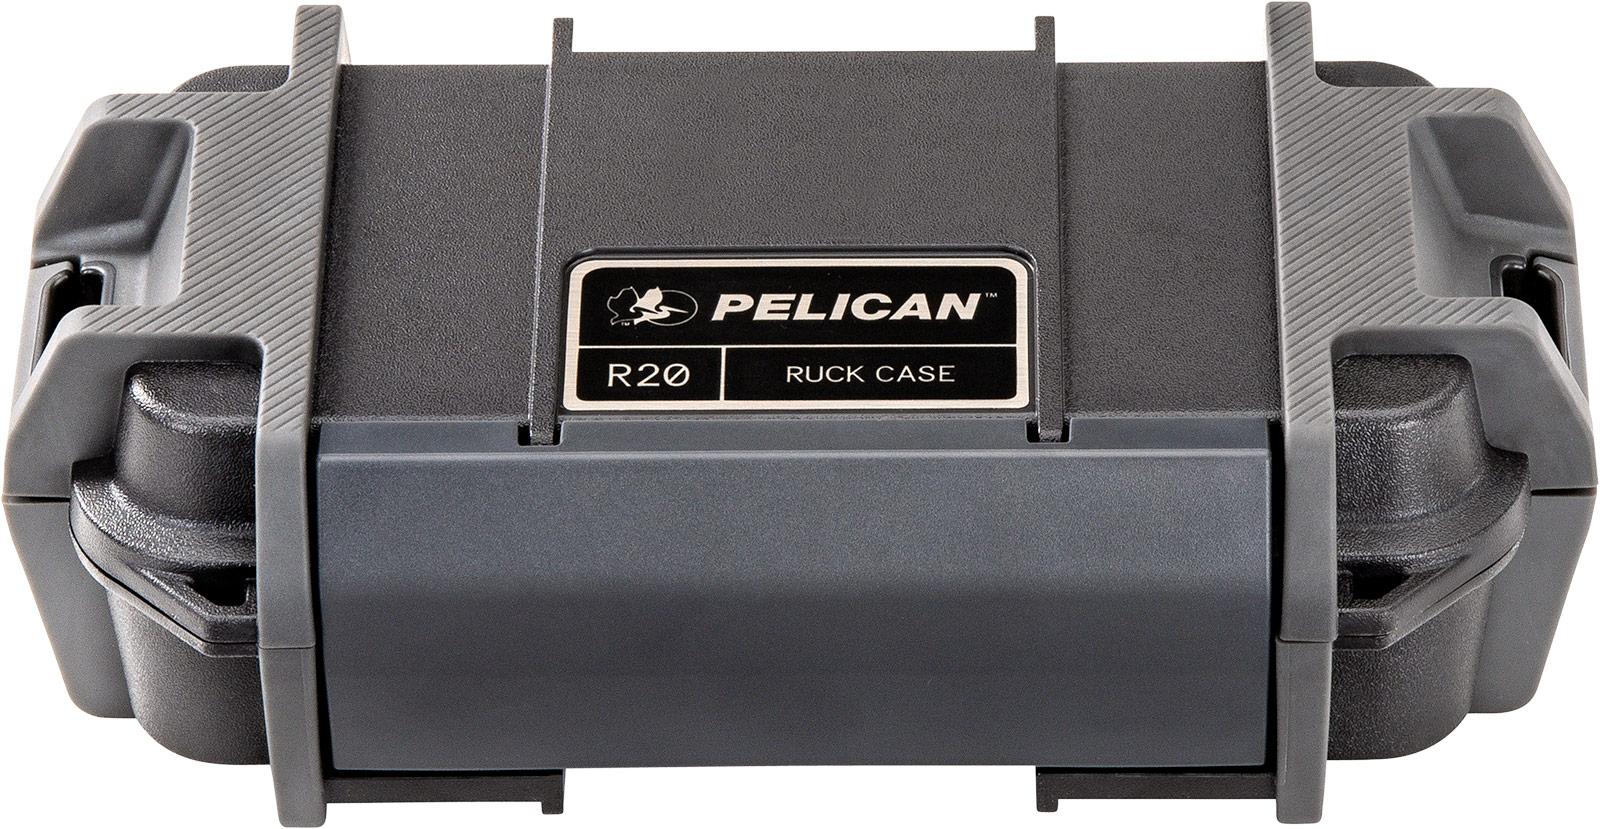 pelican r20 ruck rubberized case